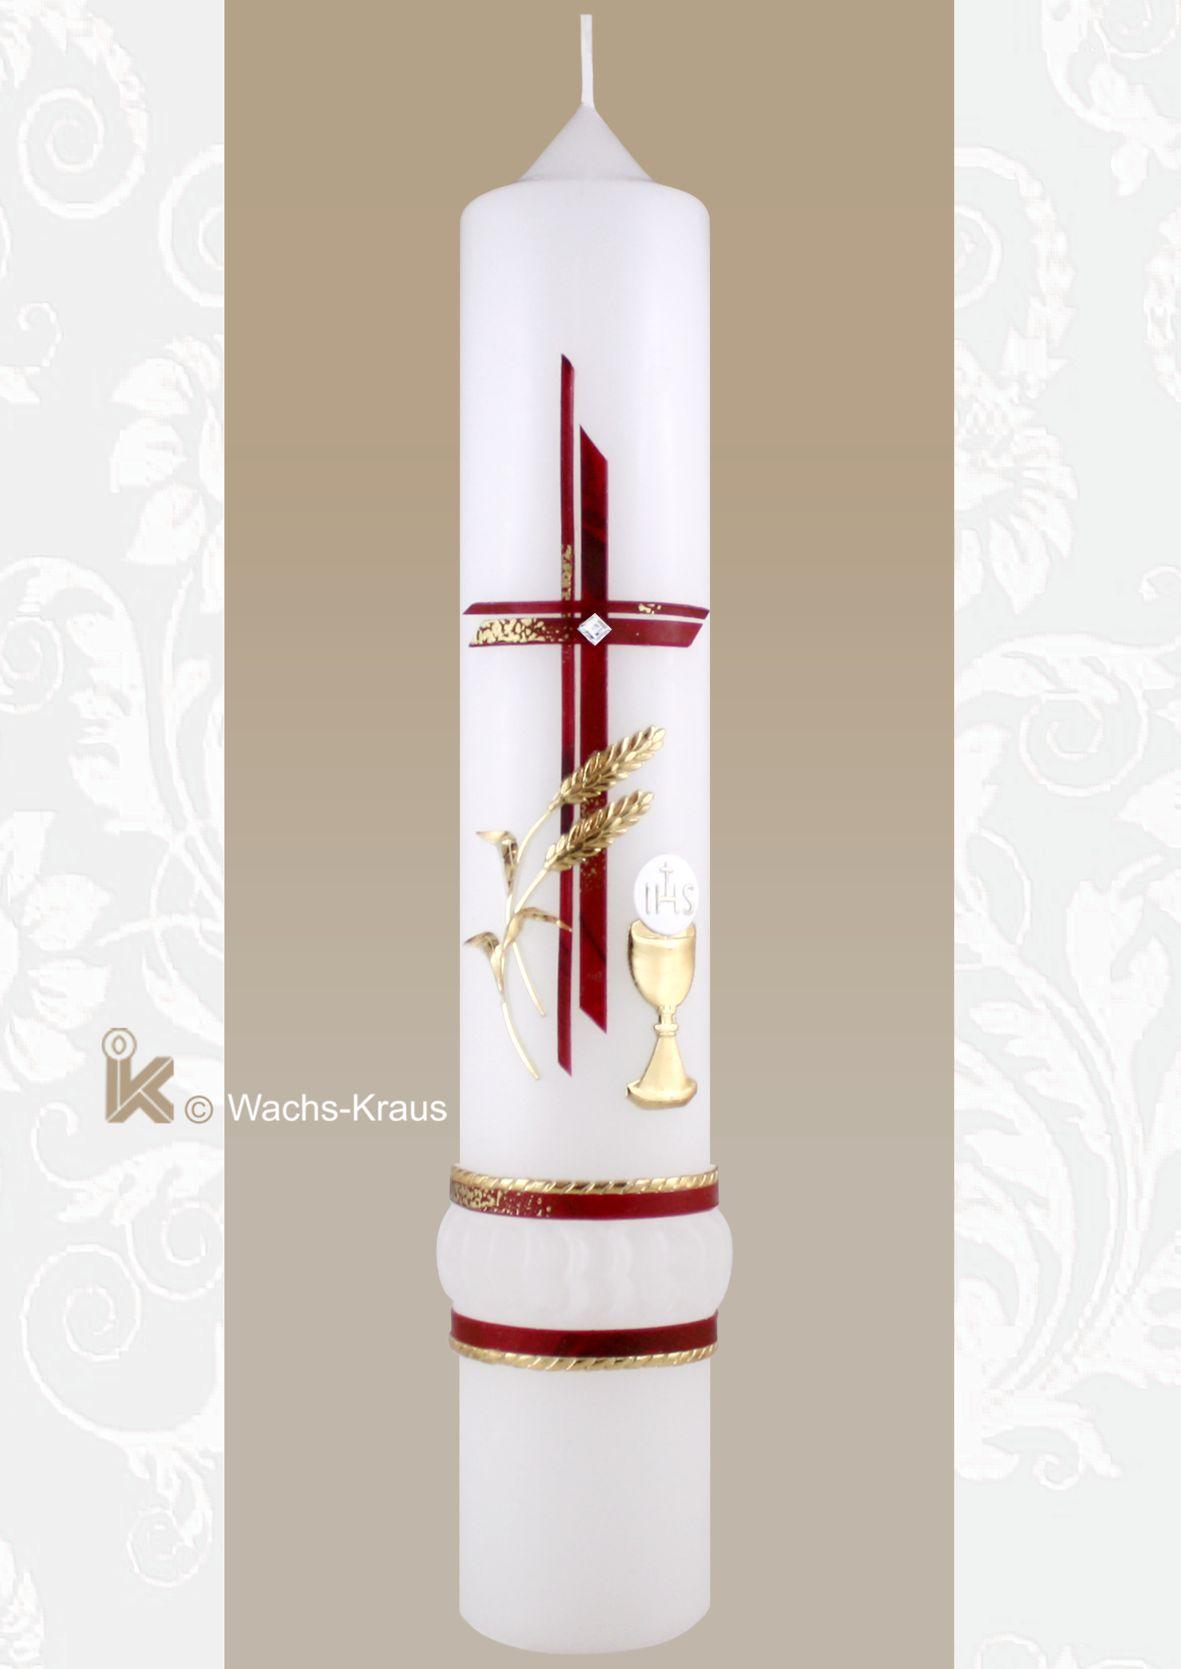 Klassische, kurze, gezwickte Kommunionkerze mit rotem Kreuz, goldenem Kelch und Hostie sowie einer feinen, goldenen Blumen Ranke.